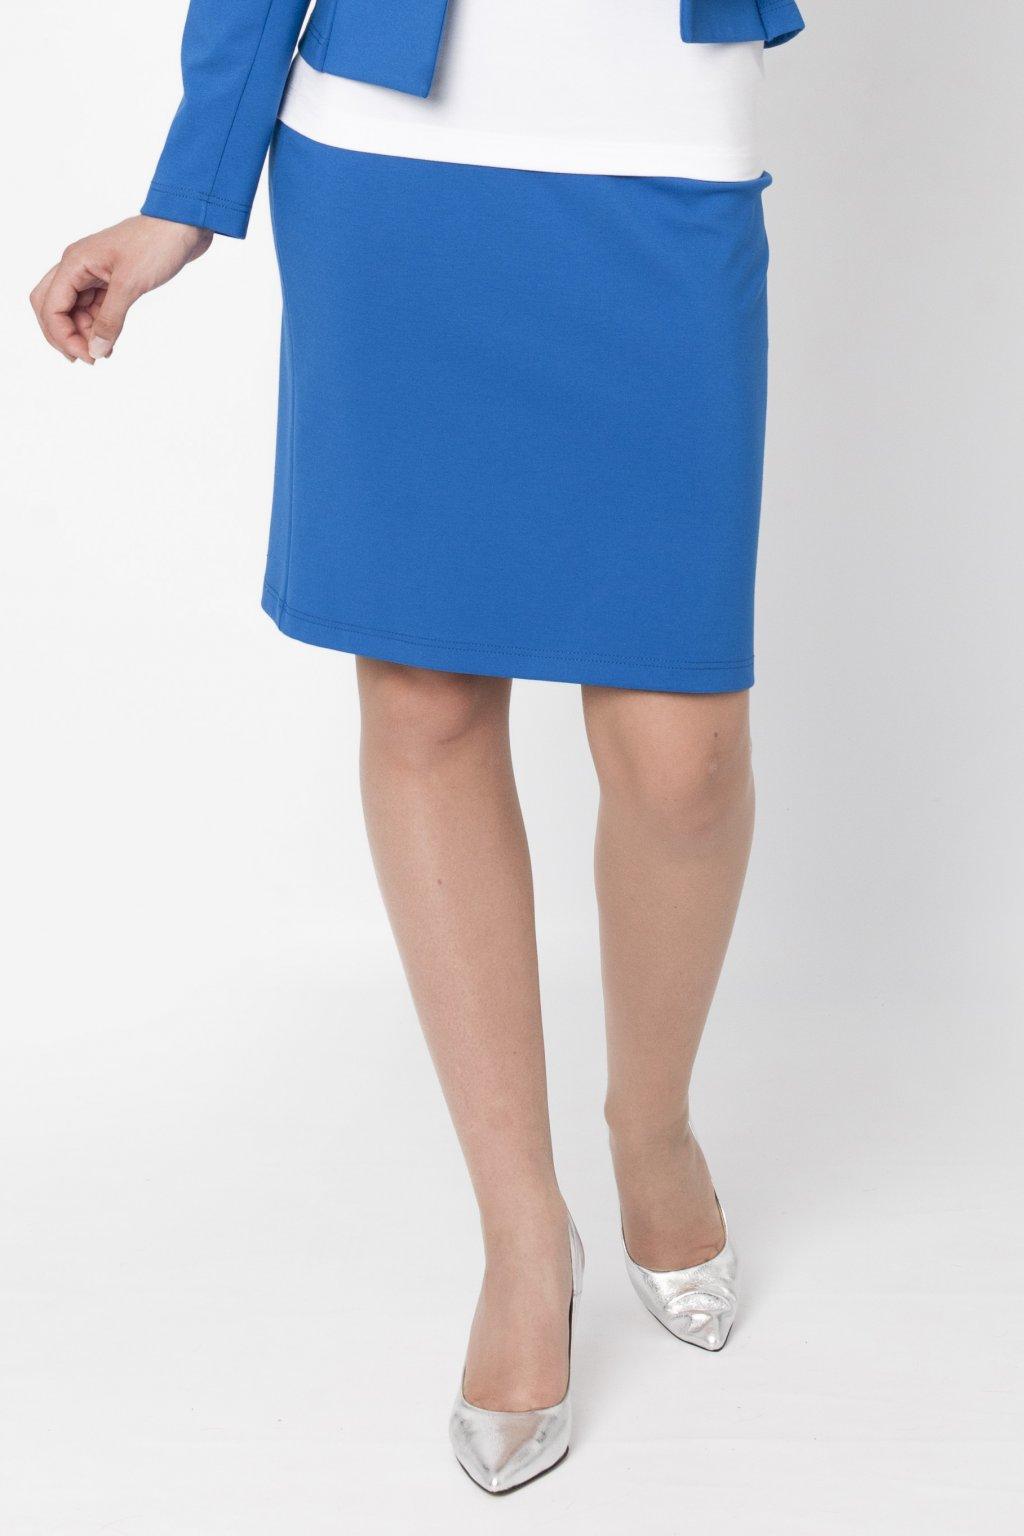 kráľovská-modrá-sukňa-favab.sk.jpg